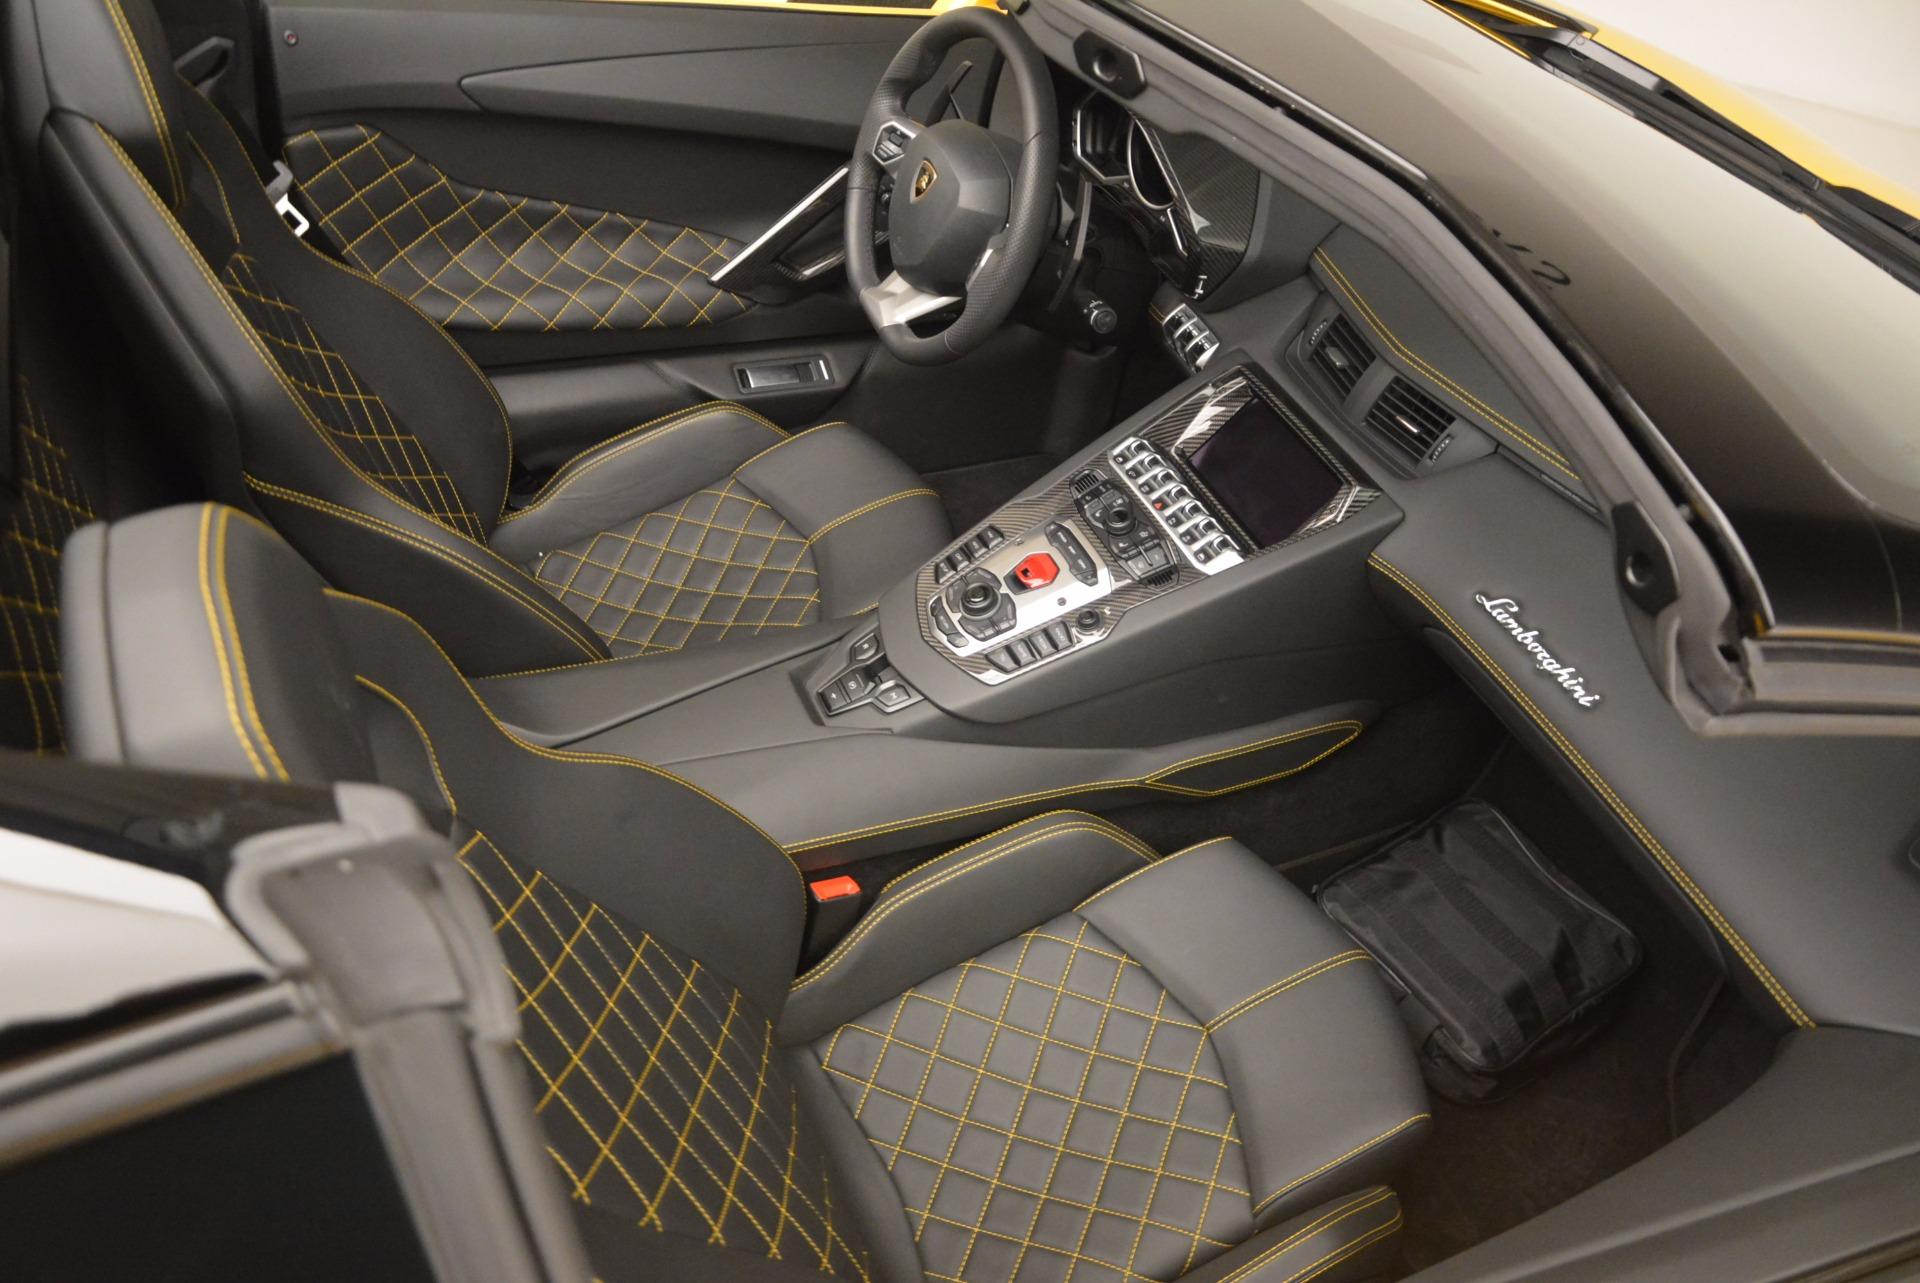 Used 2015 Lamborghini Aventador LP 700-4 Roadster For Sale In Greenwich, CT. Alfa Romeo of Greenwich, 7284 1774_p21